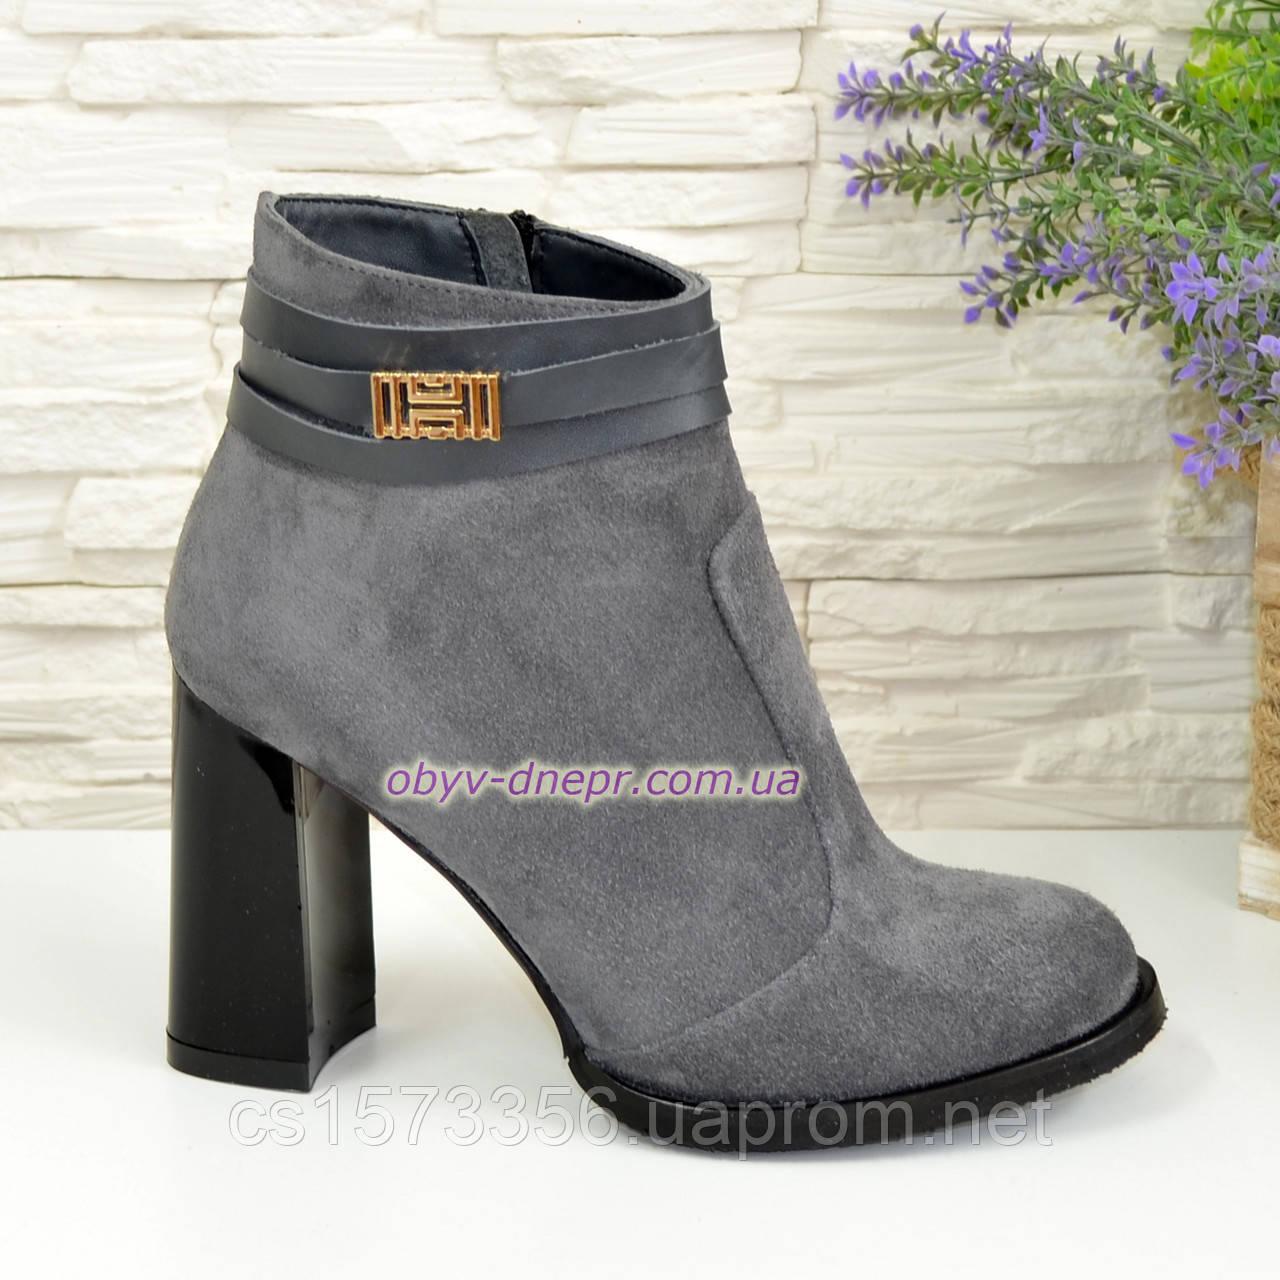 Ботинки демисезонные женские замшевые на устойчивом каблуке, цвет серый.